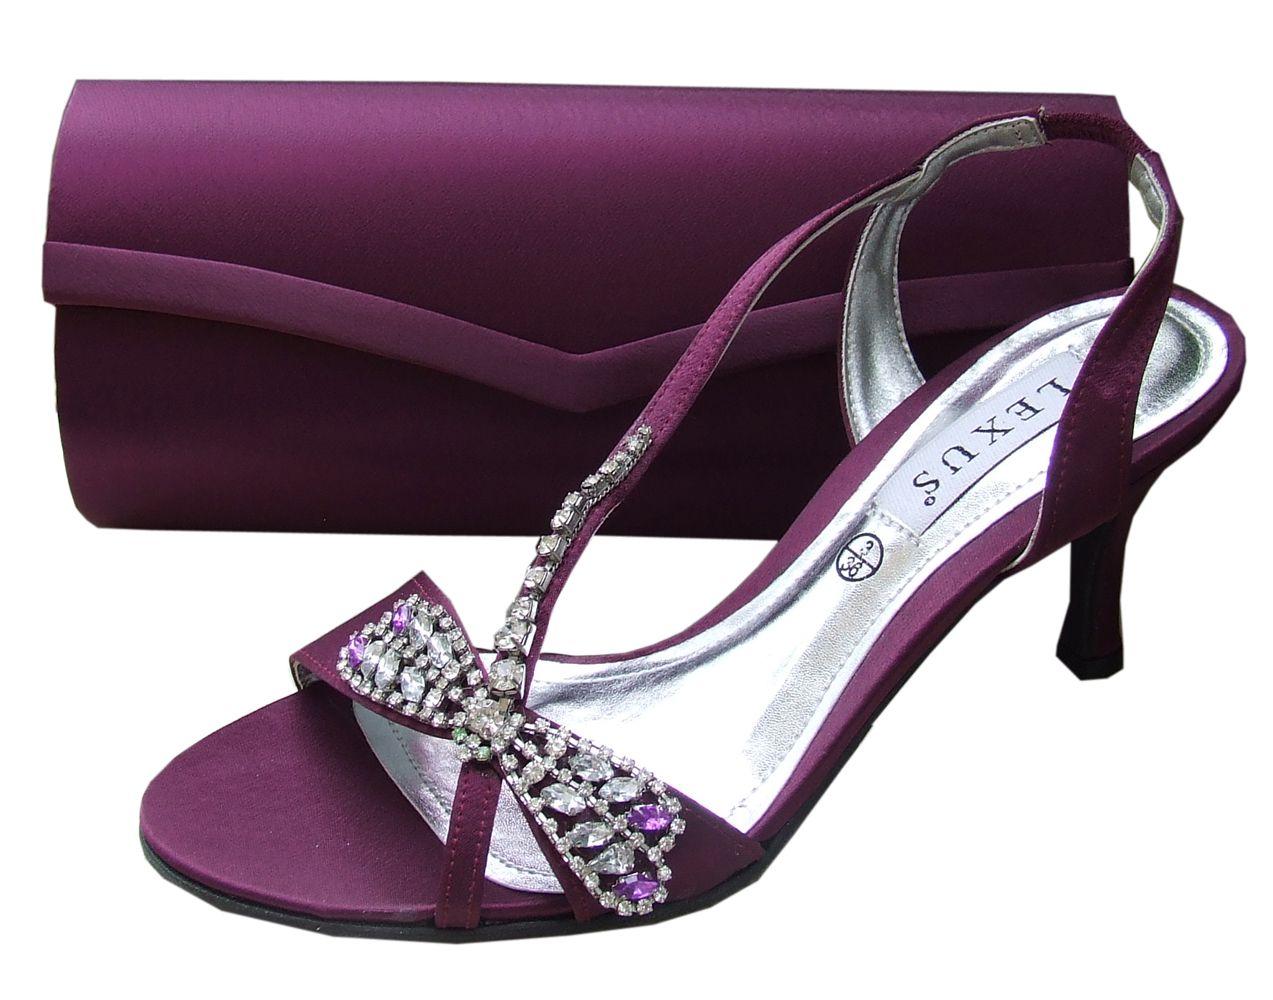 Lexus Caprice Plum Purple Evening Sandals